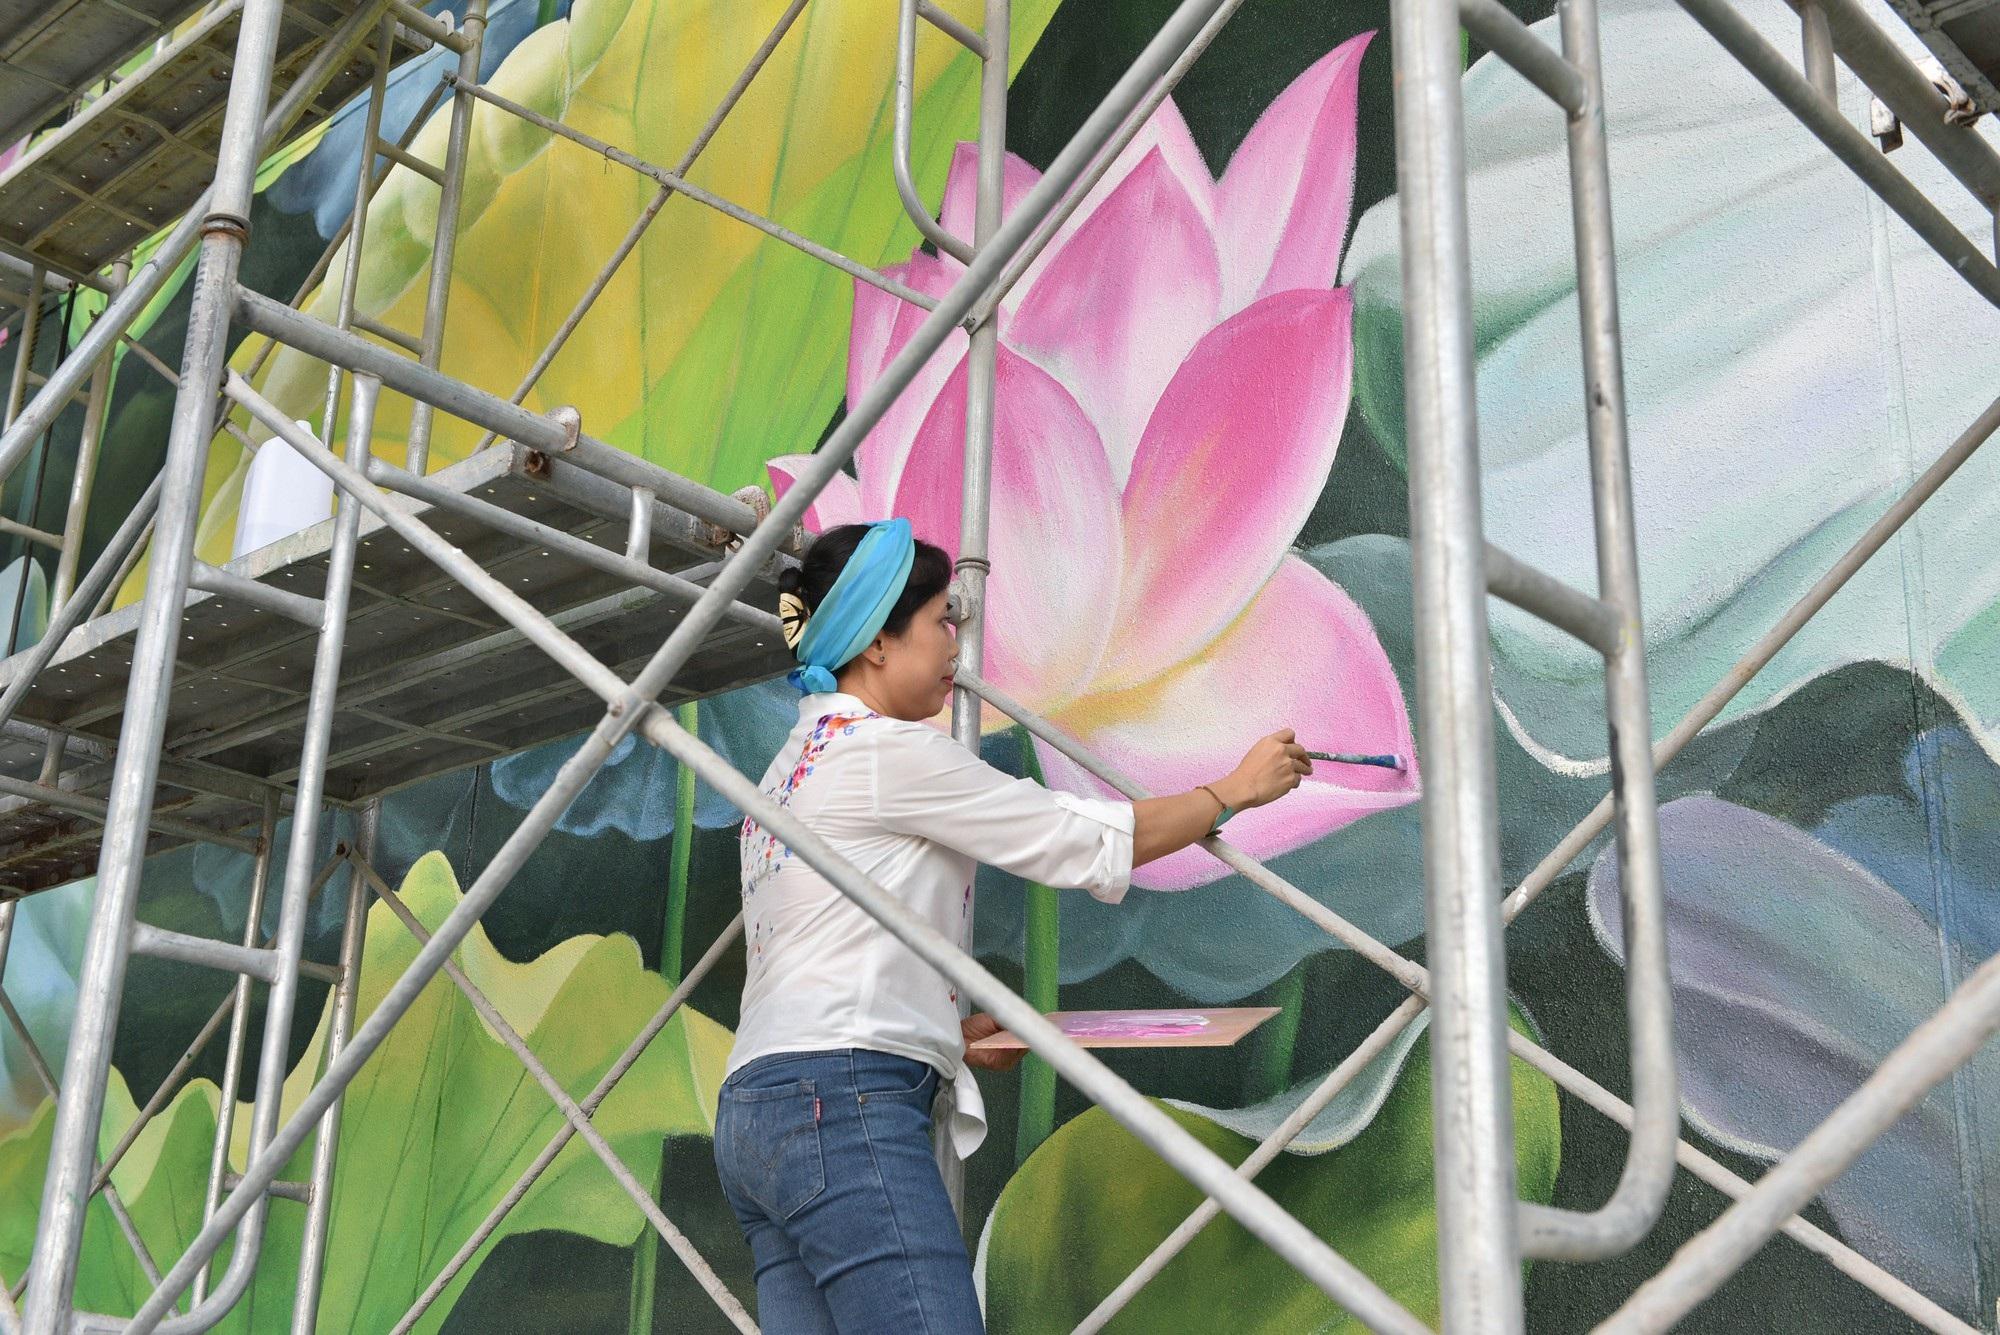 Ngỡ ngàng trước hai bức tranh hoa sen khổng lồ tại sân bay Nội Bài - Ảnh 1.